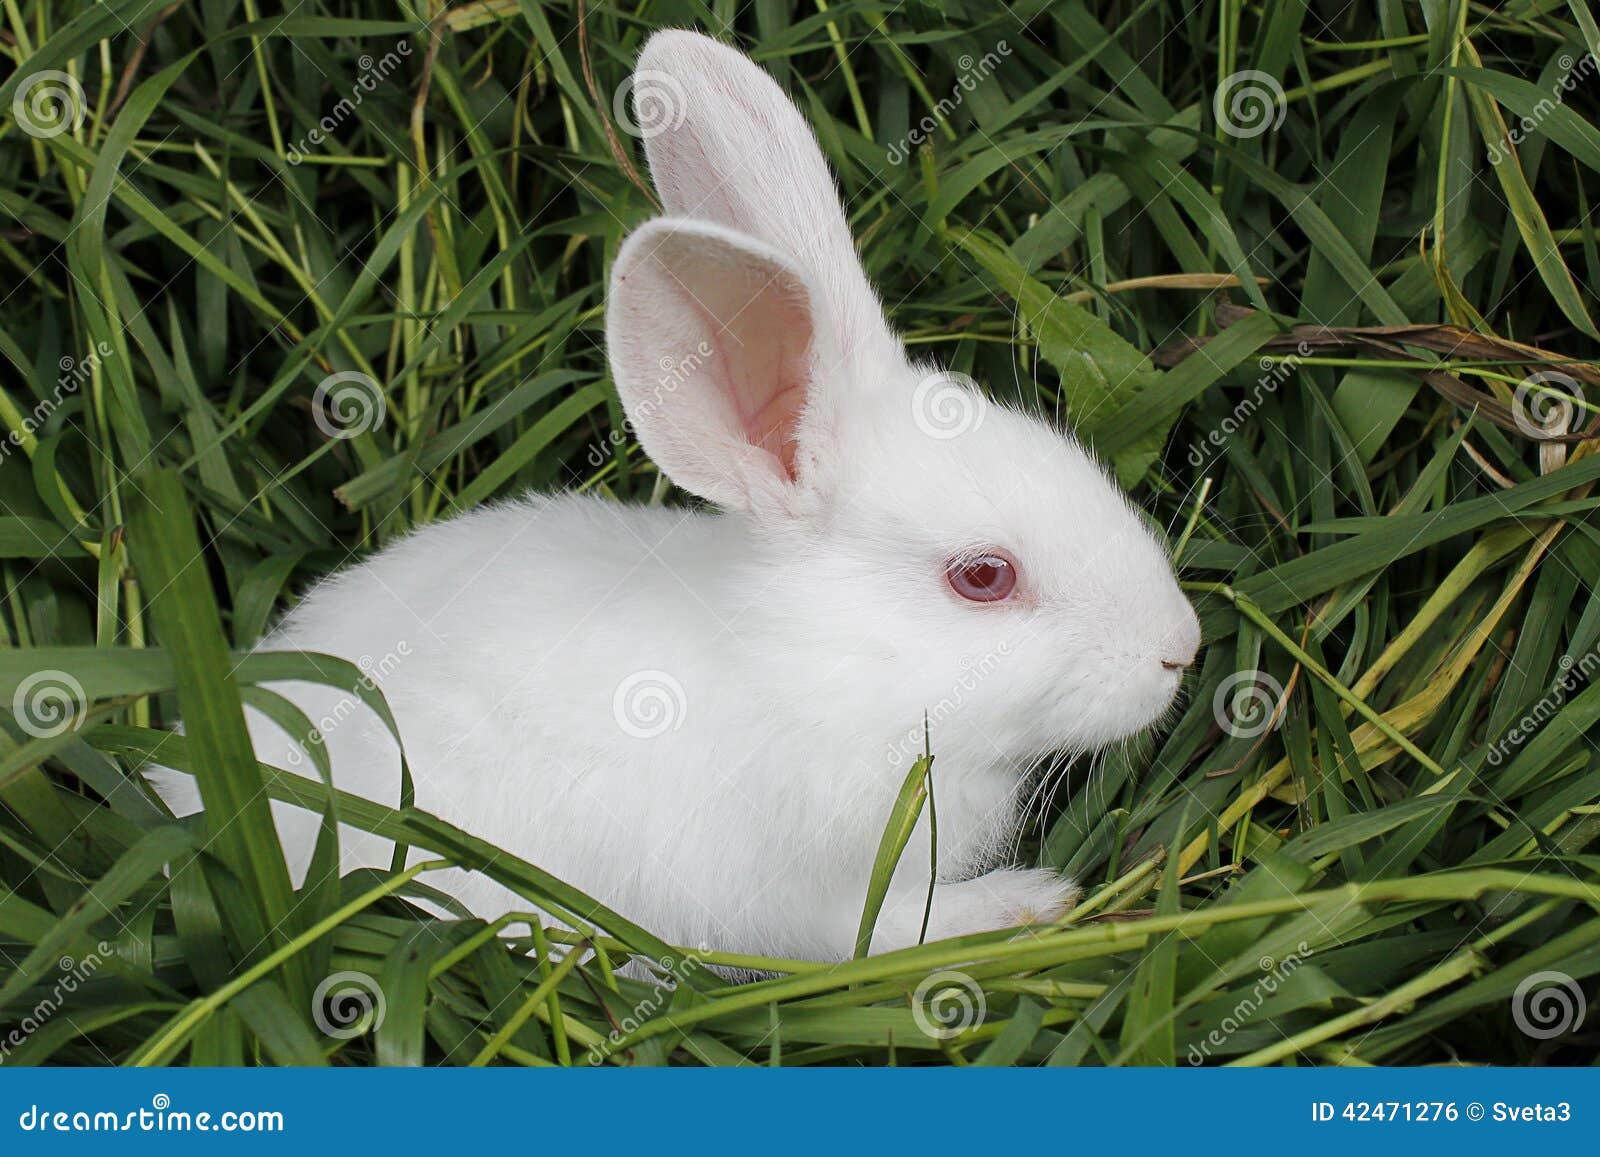 Kaninchen sitzt auf dem gemähten Gras